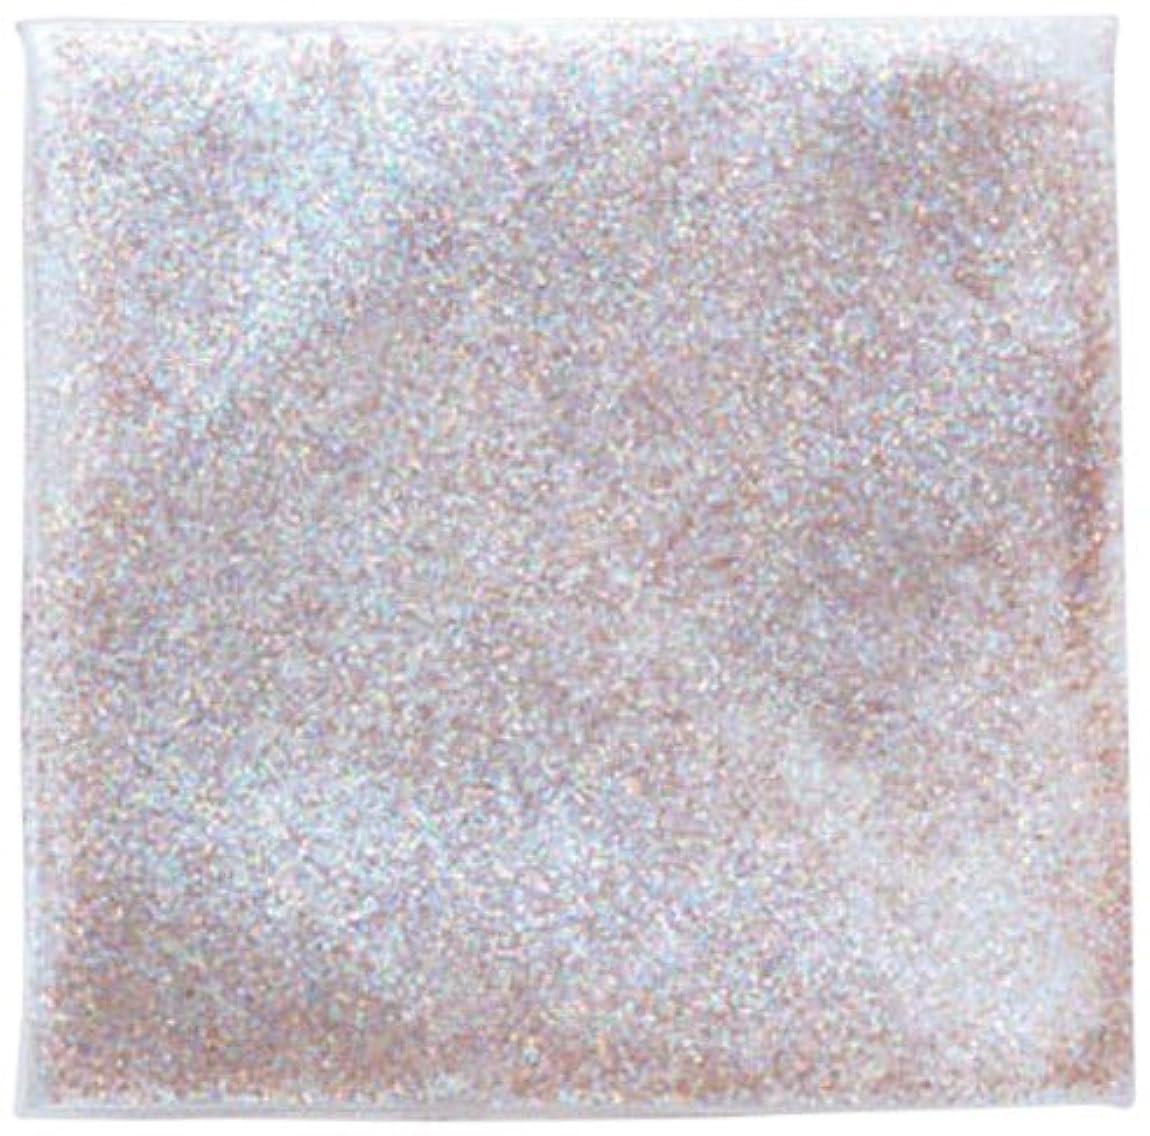 罰考古学ヒールピカエース ネイル用パウダー ラメパステルレインボー S #449 ブラウン 0.7g